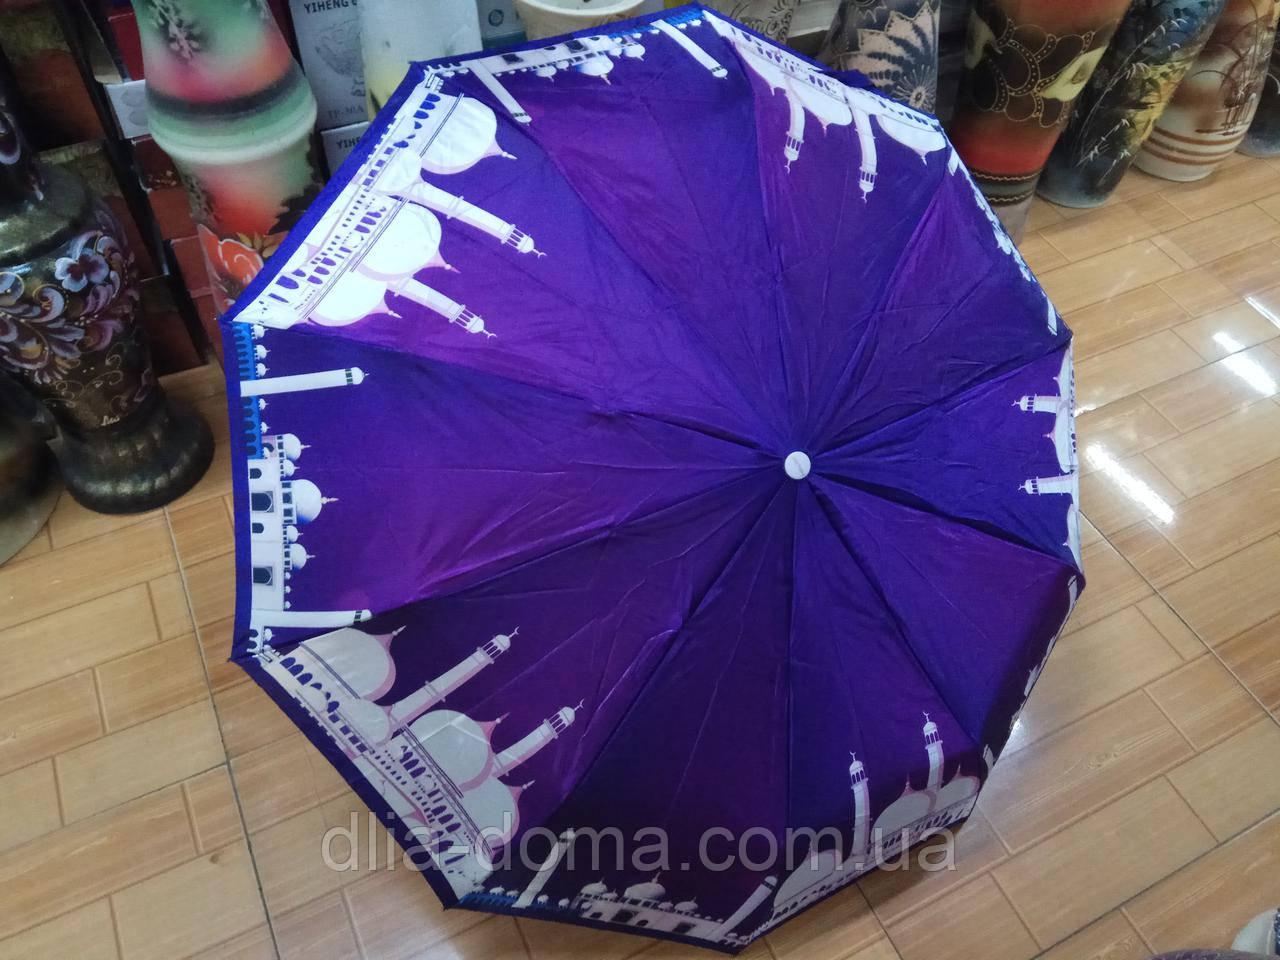 Зонт жіночий 3 складної авто Місто